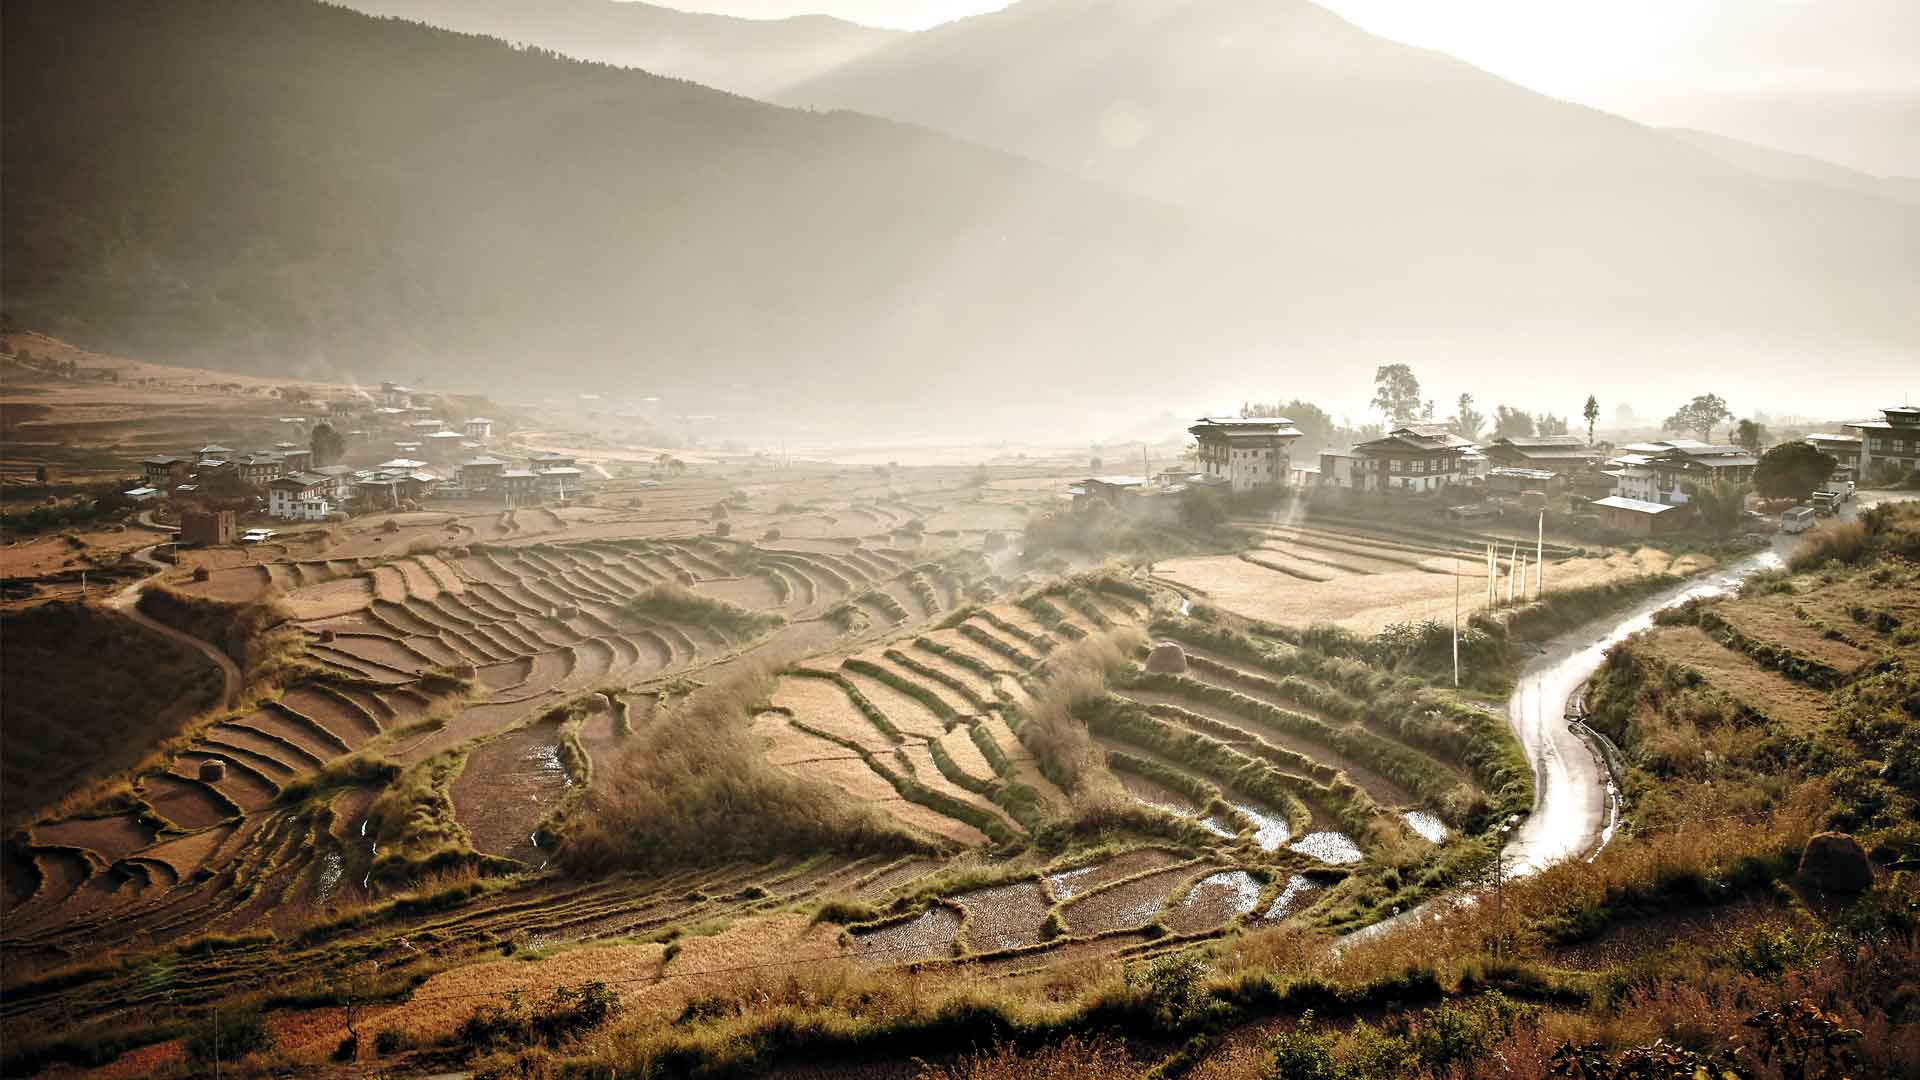 Recorre Timbú, un auténtico reino budista